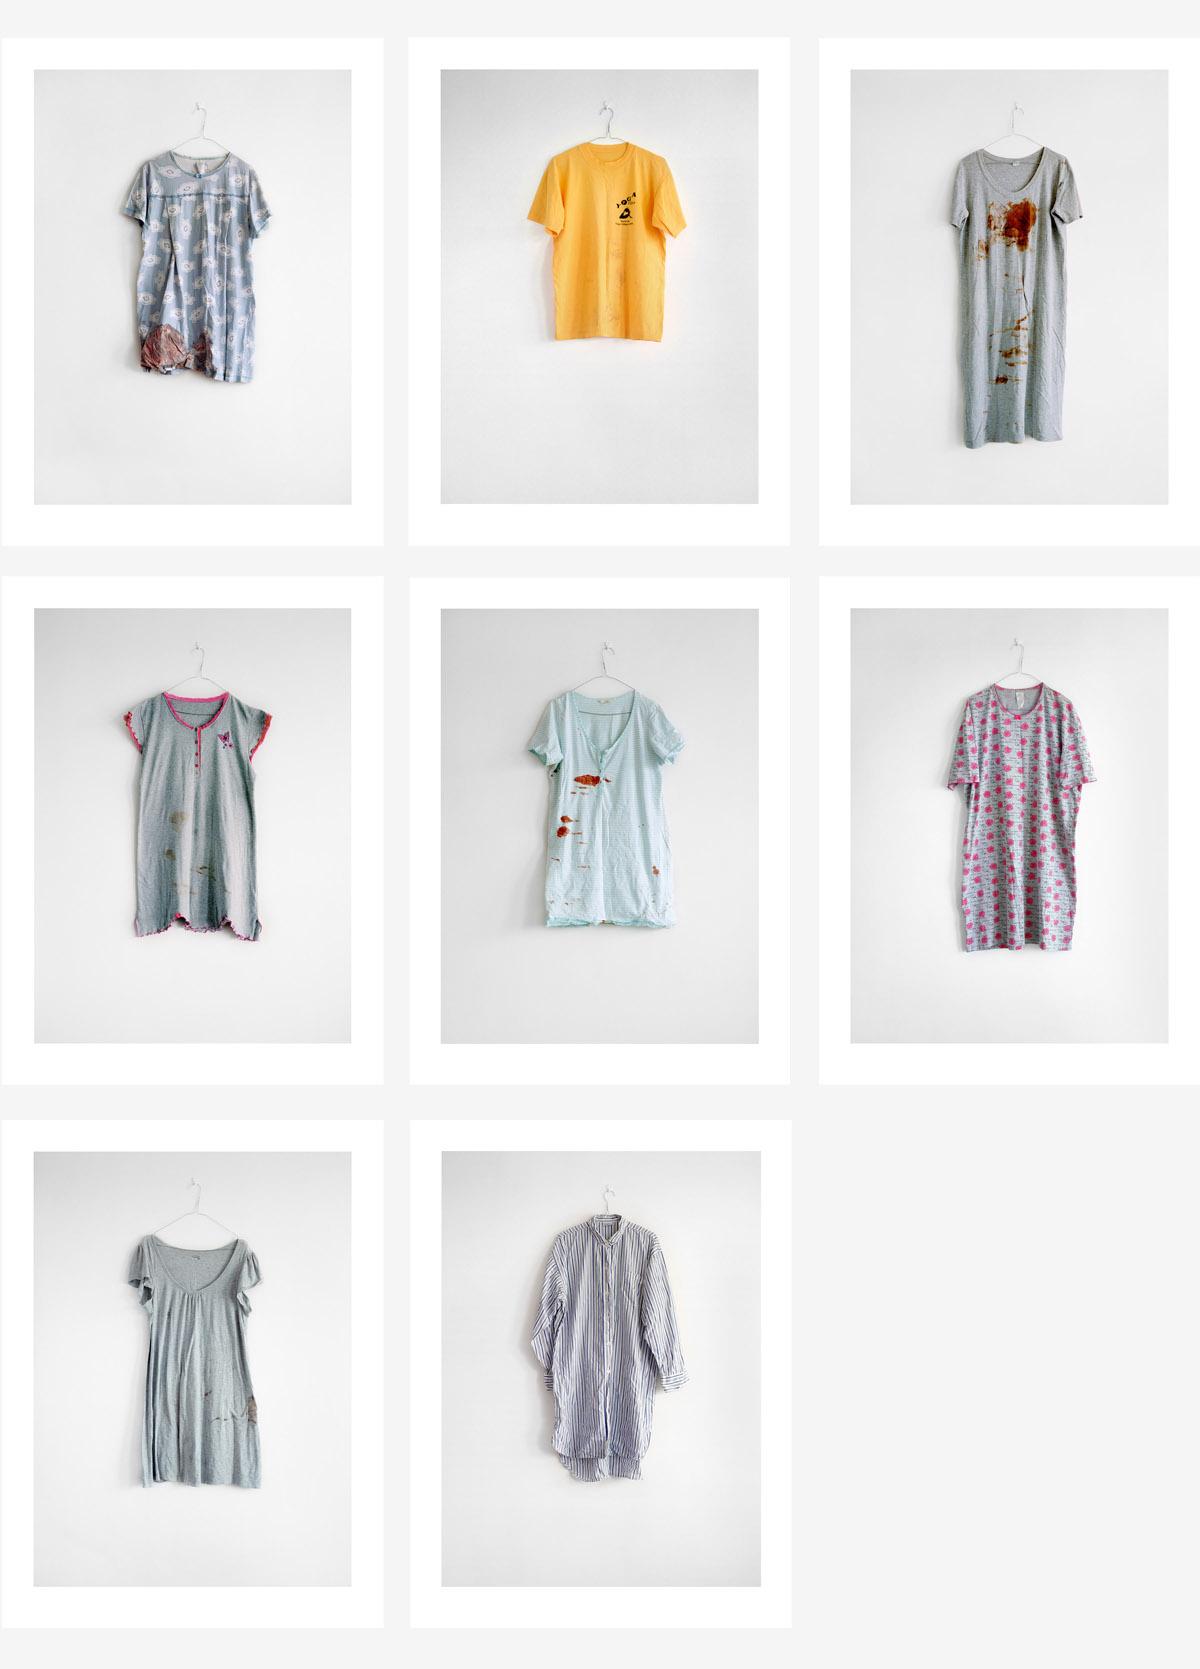 koszule gallery grid2